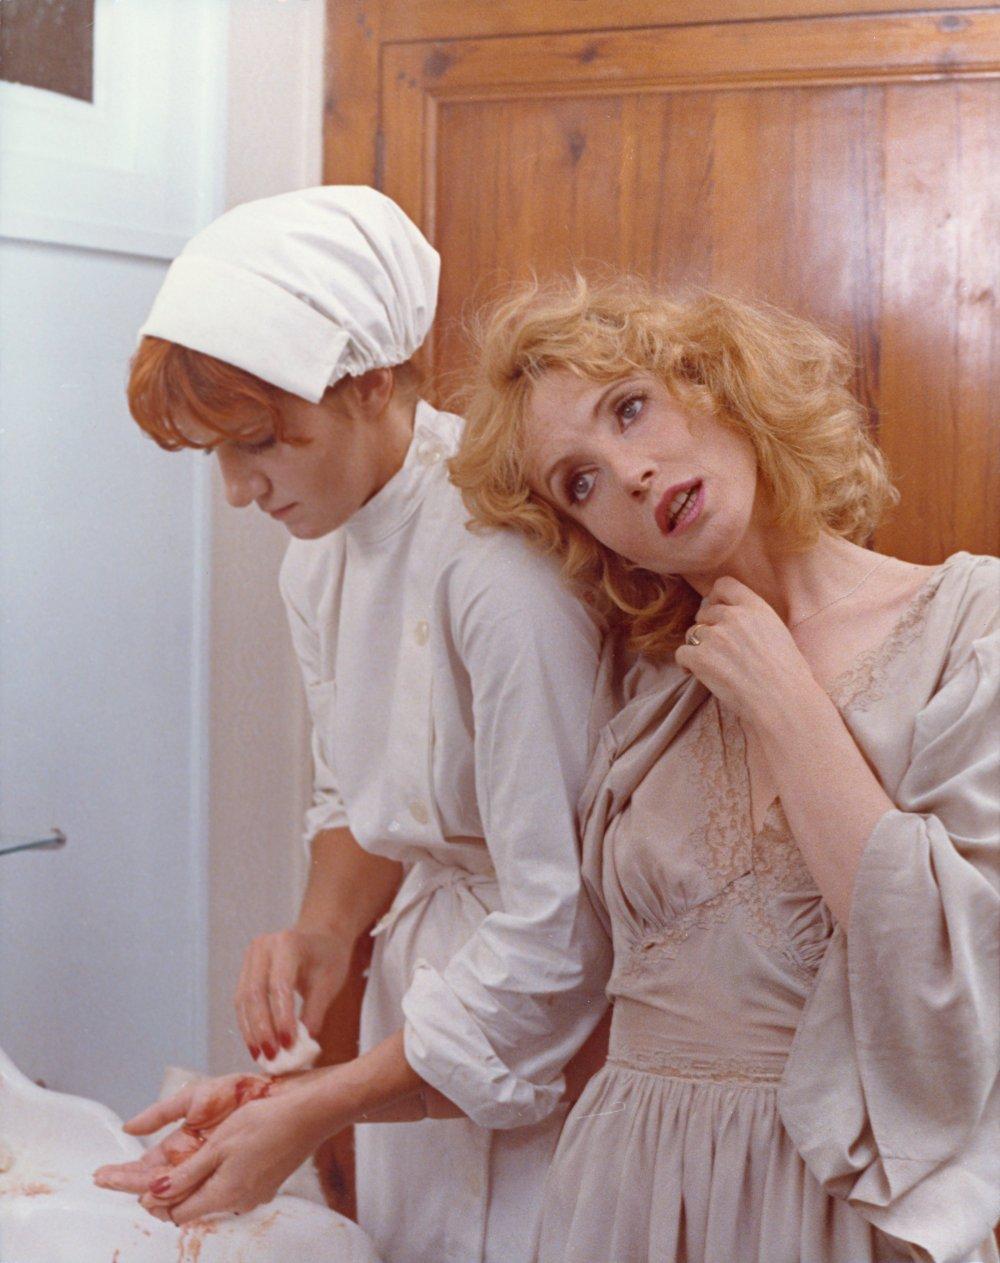 Celine and Julie Go Boating (Céline et Julie vont en bateau, 1974)